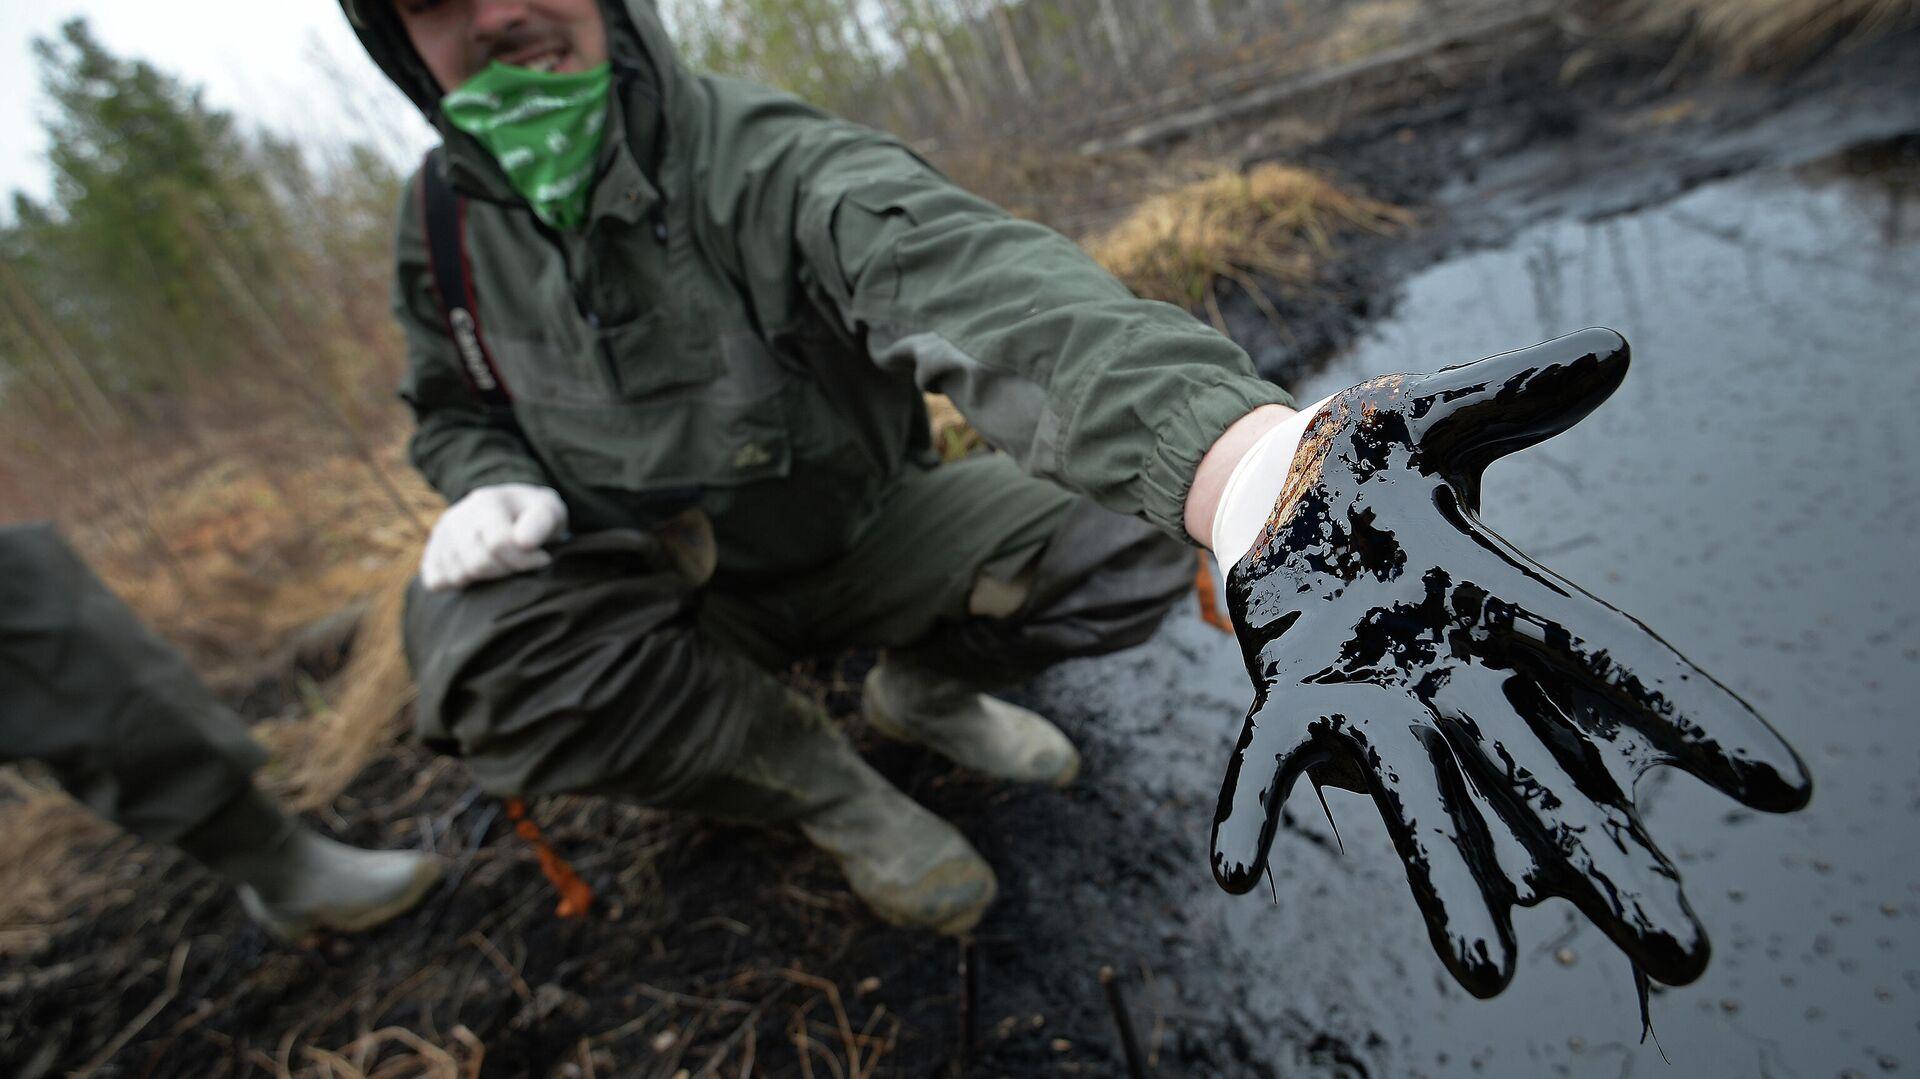 Un hombre muestra las consecuencias de un derrame de petróleo en Rusia - Sputnik Mundo, 1920, 07.09.2021